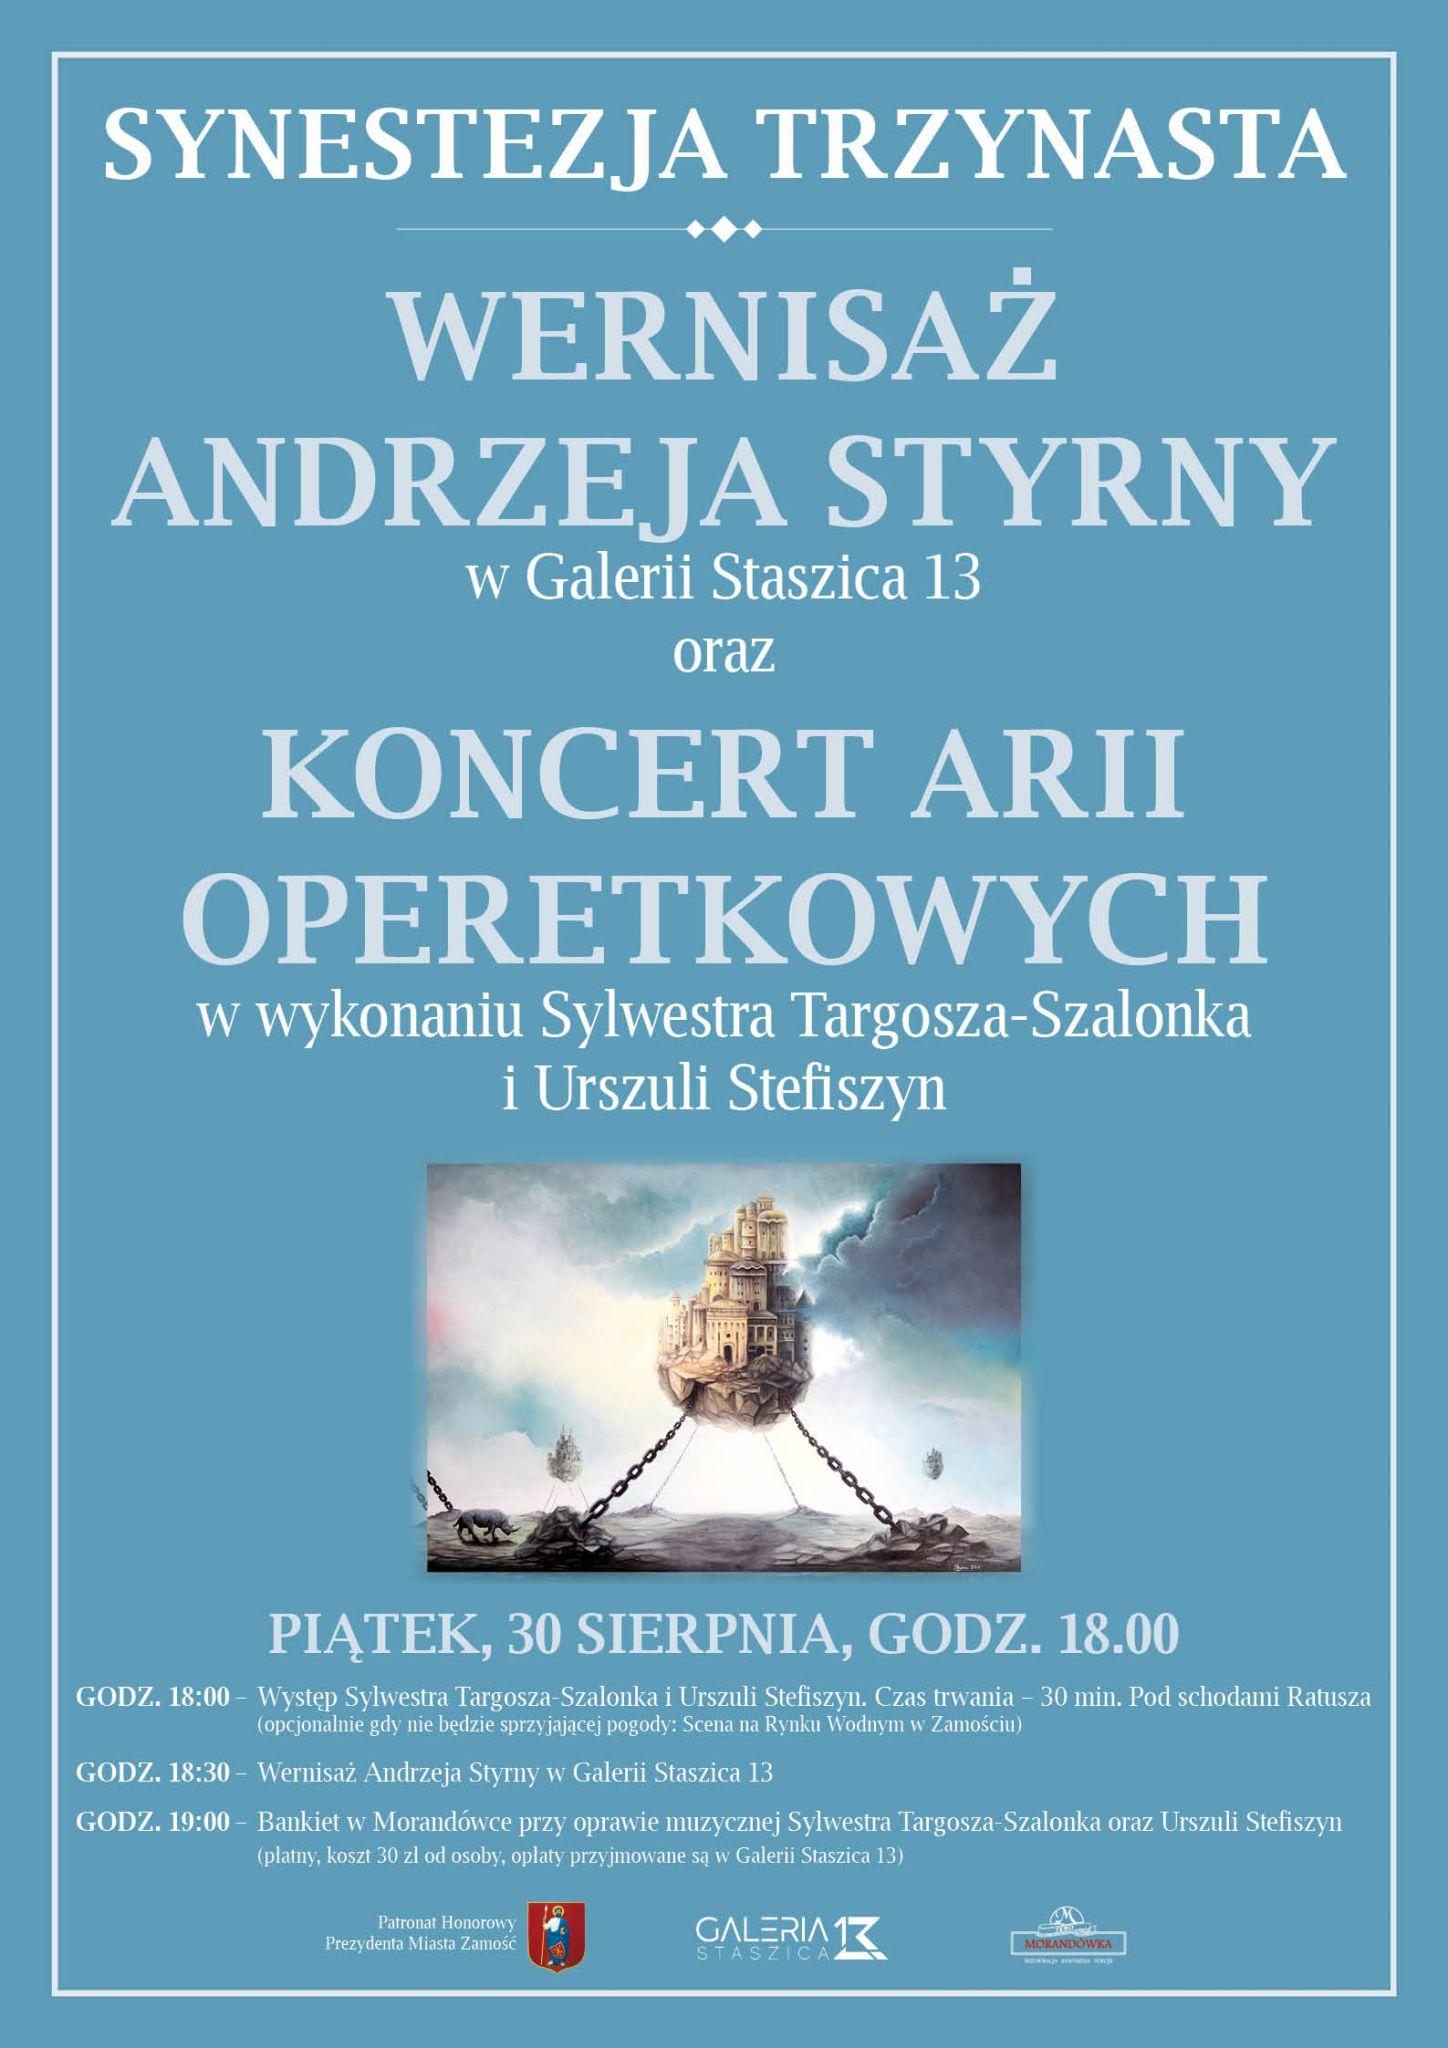 styrna plakat Zamość: Wernisaż Andrzeja Styrny oraz Koncert Arii Operetkowych